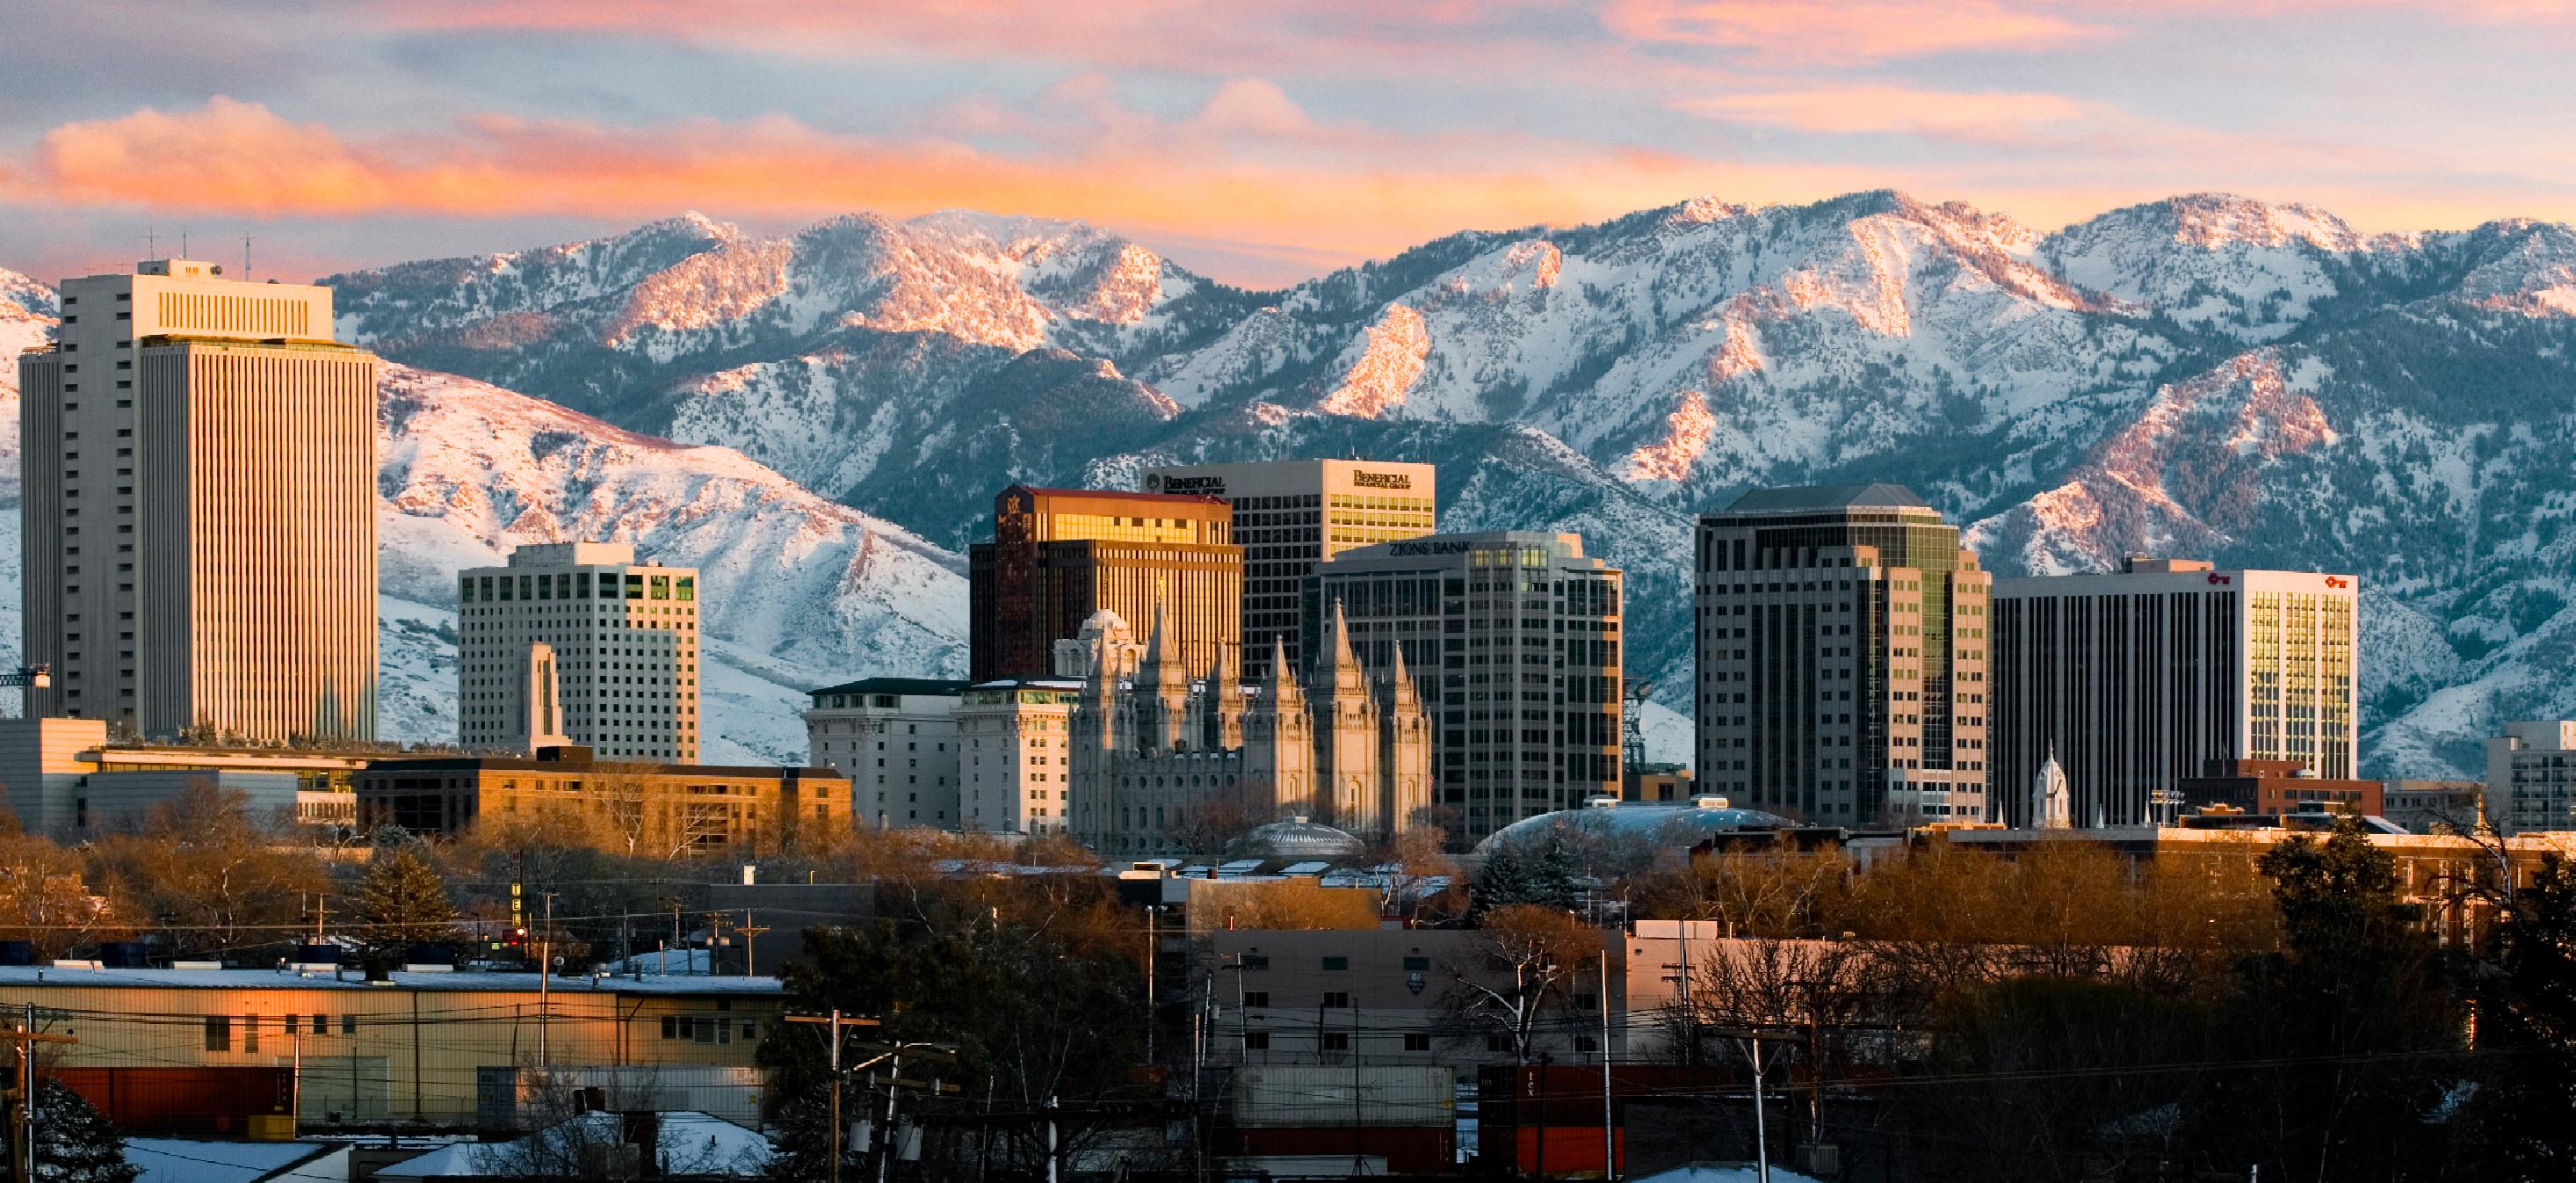 Utah CPA CPE Requirements